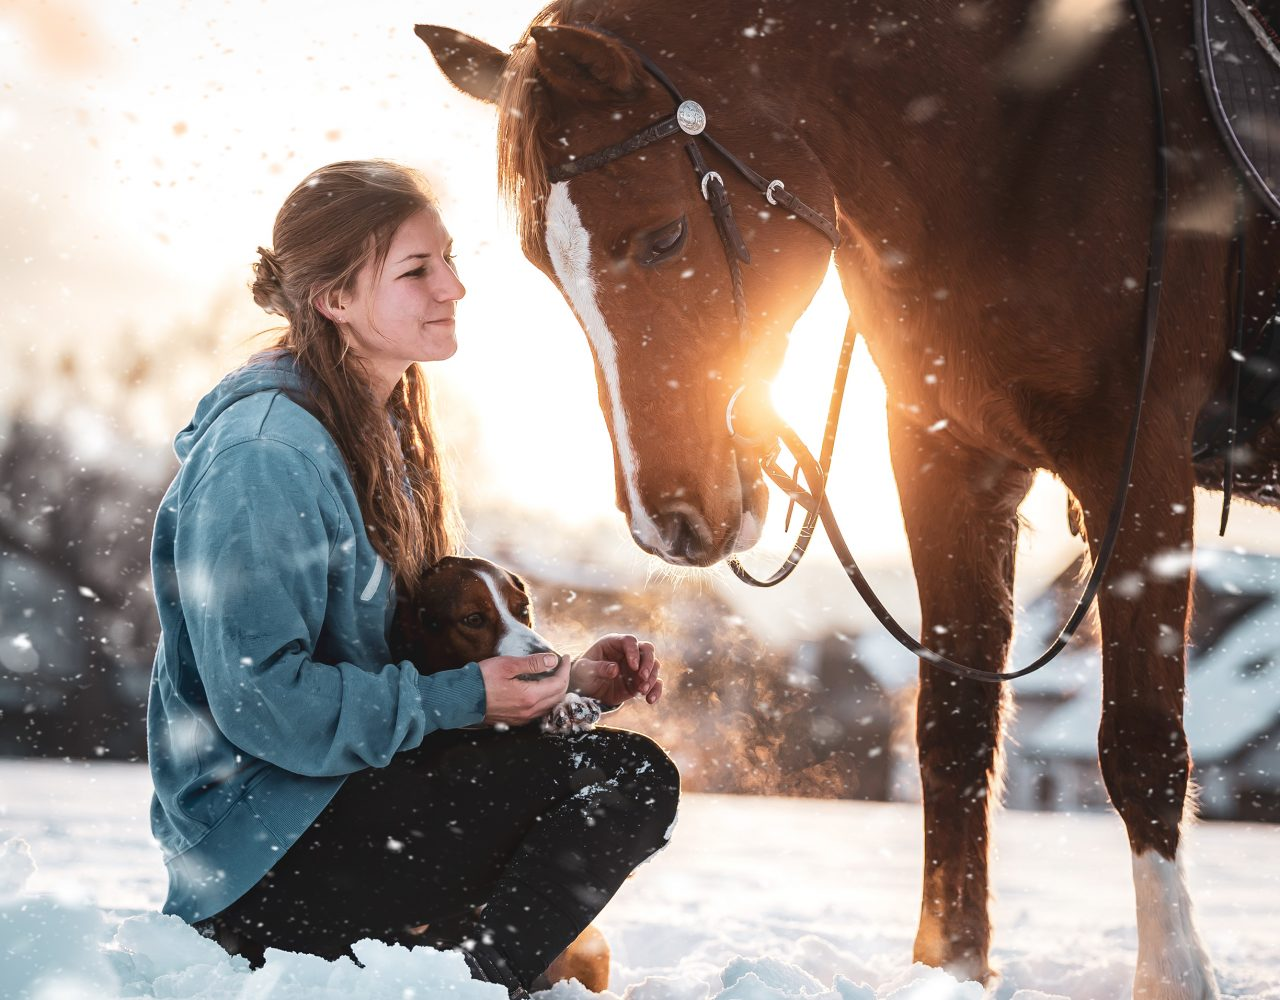 Haustiere_WinterShooting_Pferd1